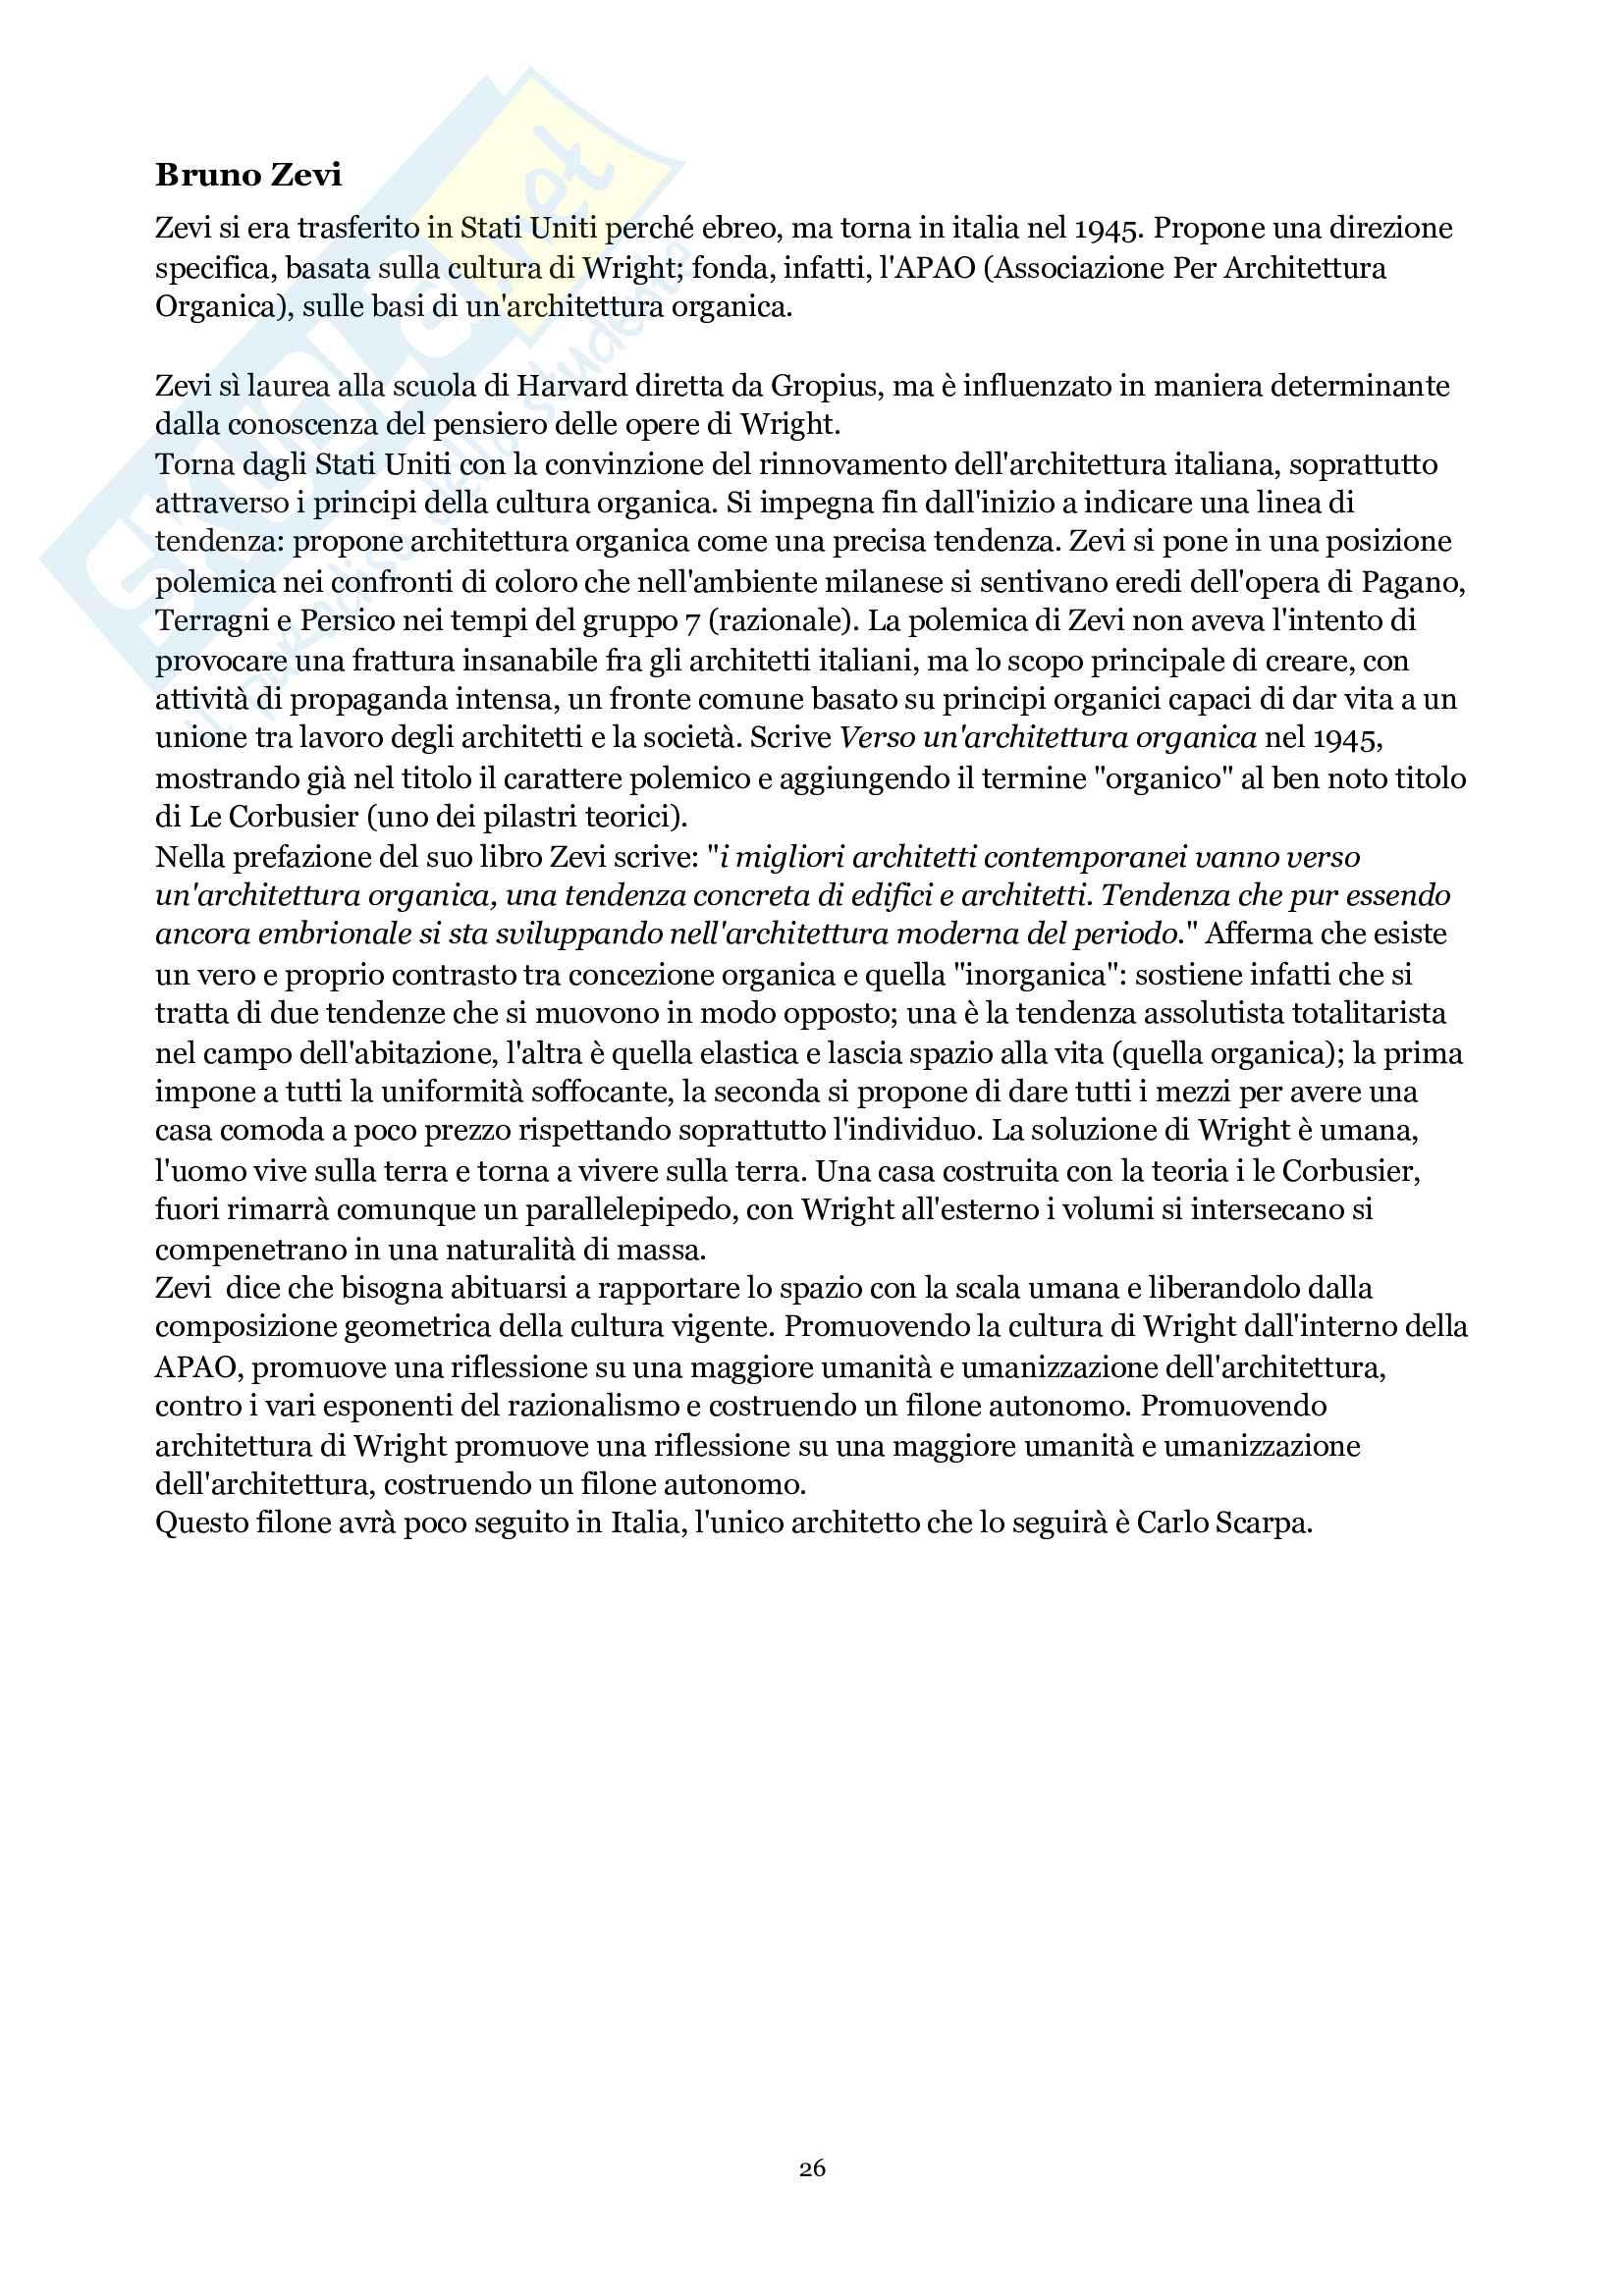 Storia dell'architettura contemporanea Pag. 26